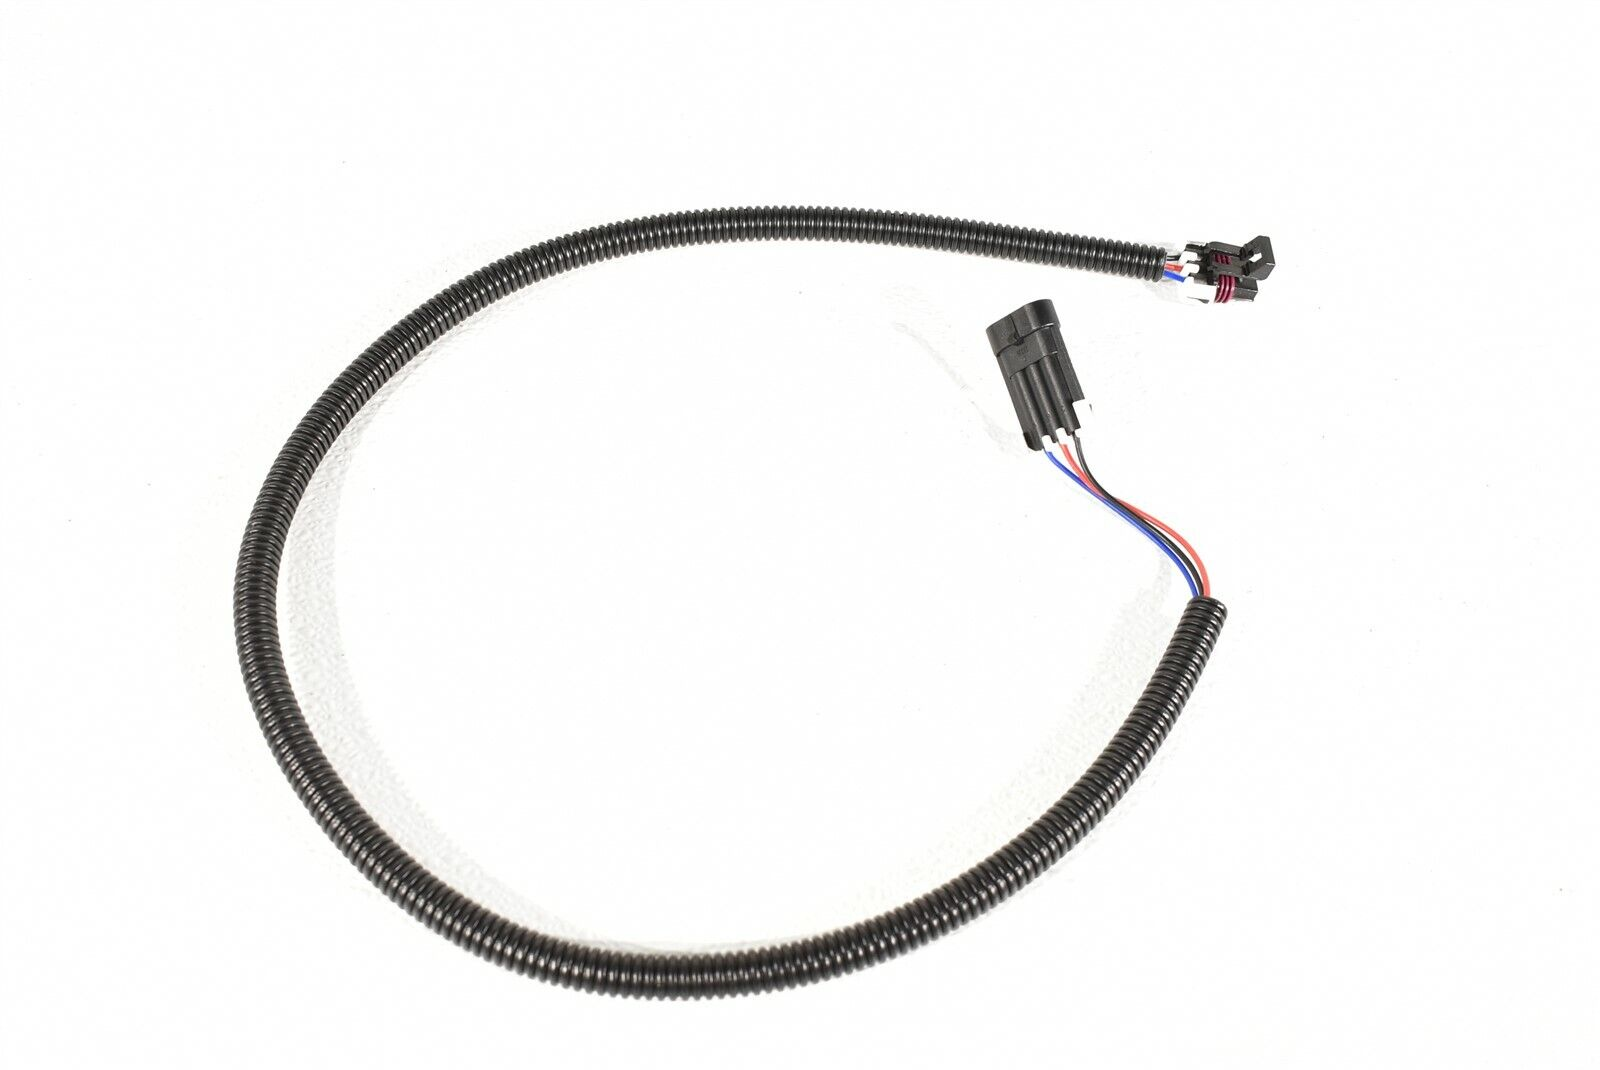 LS LS1 LS6 to LS2 LS3 Camshaft Position Sensor Wiring